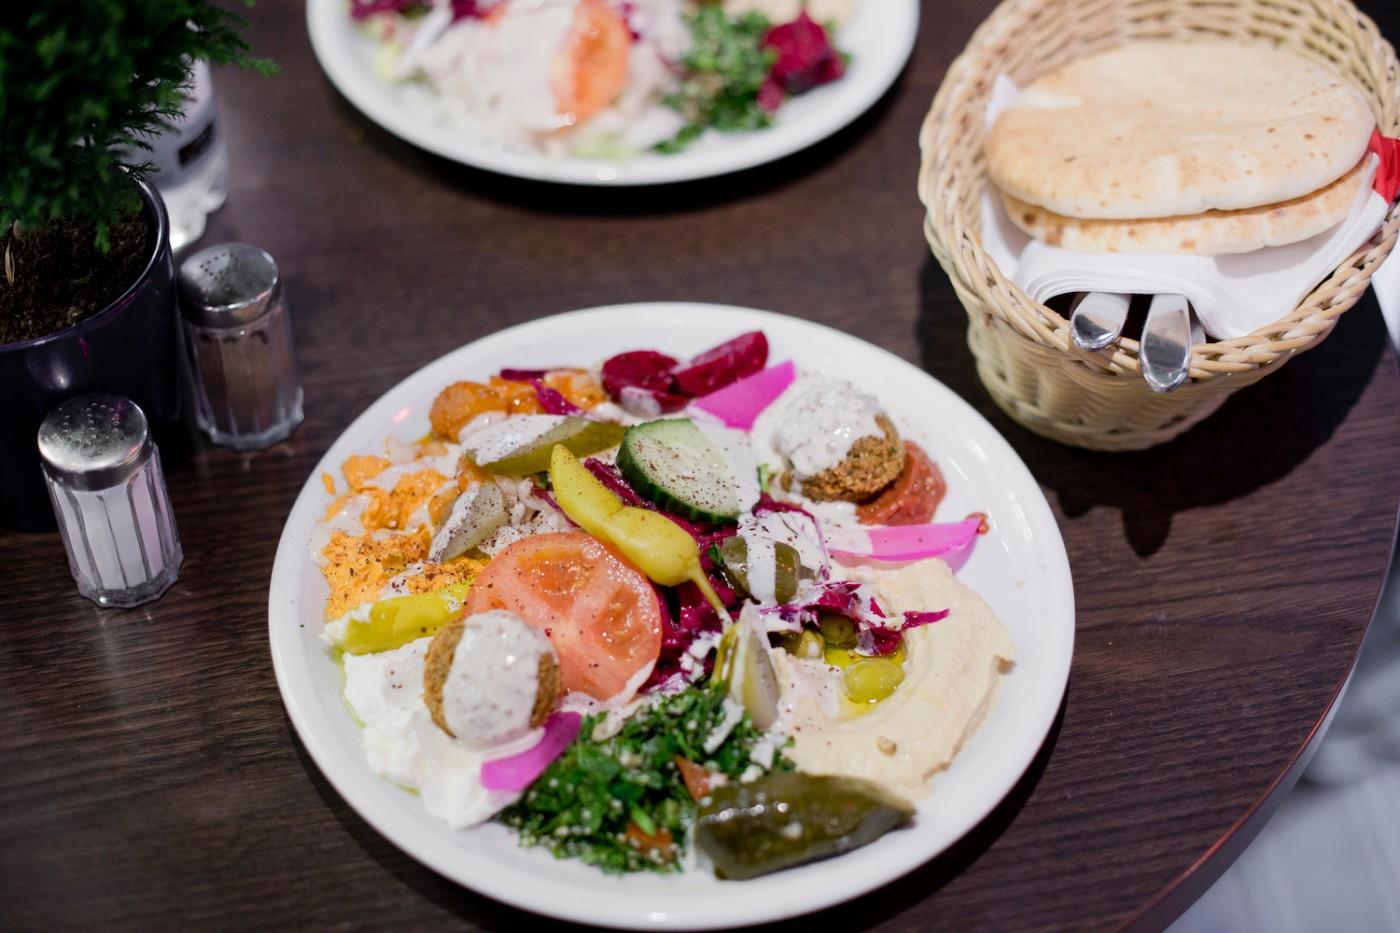 sababa München, Falafel in München, Hummus in München,